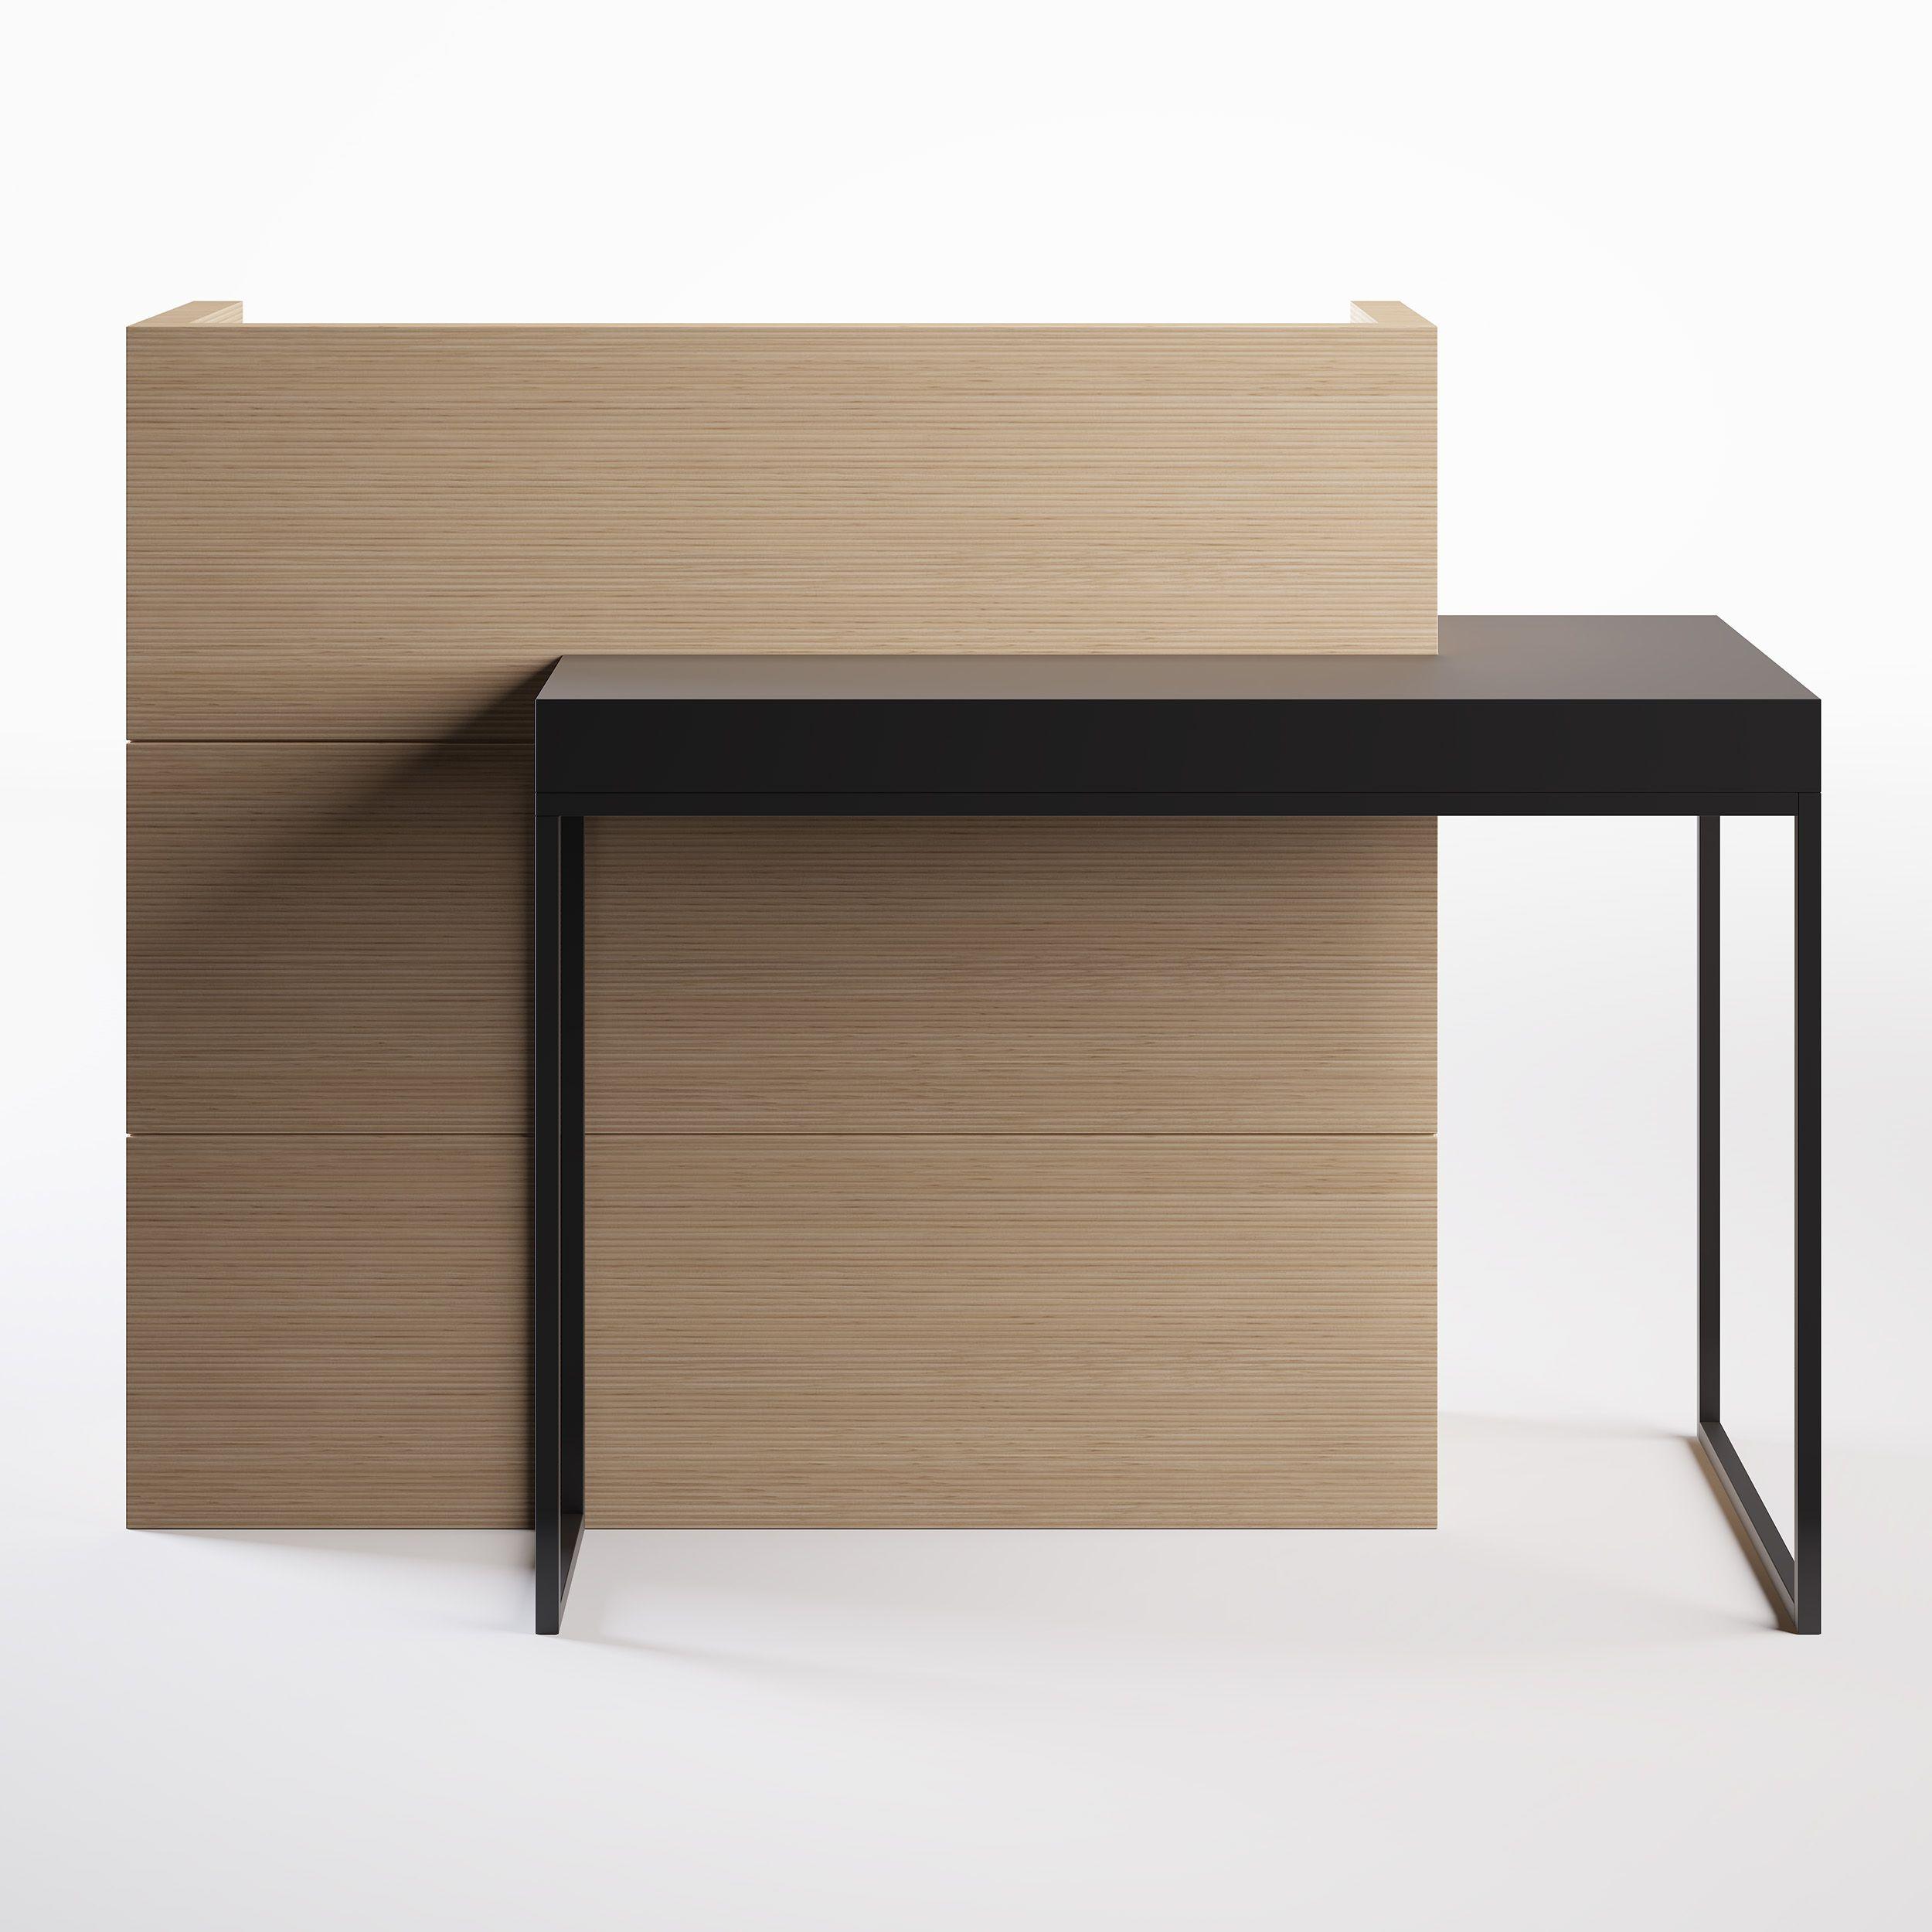 Epingle Sur Salon Furniture Mobilier Coiffure